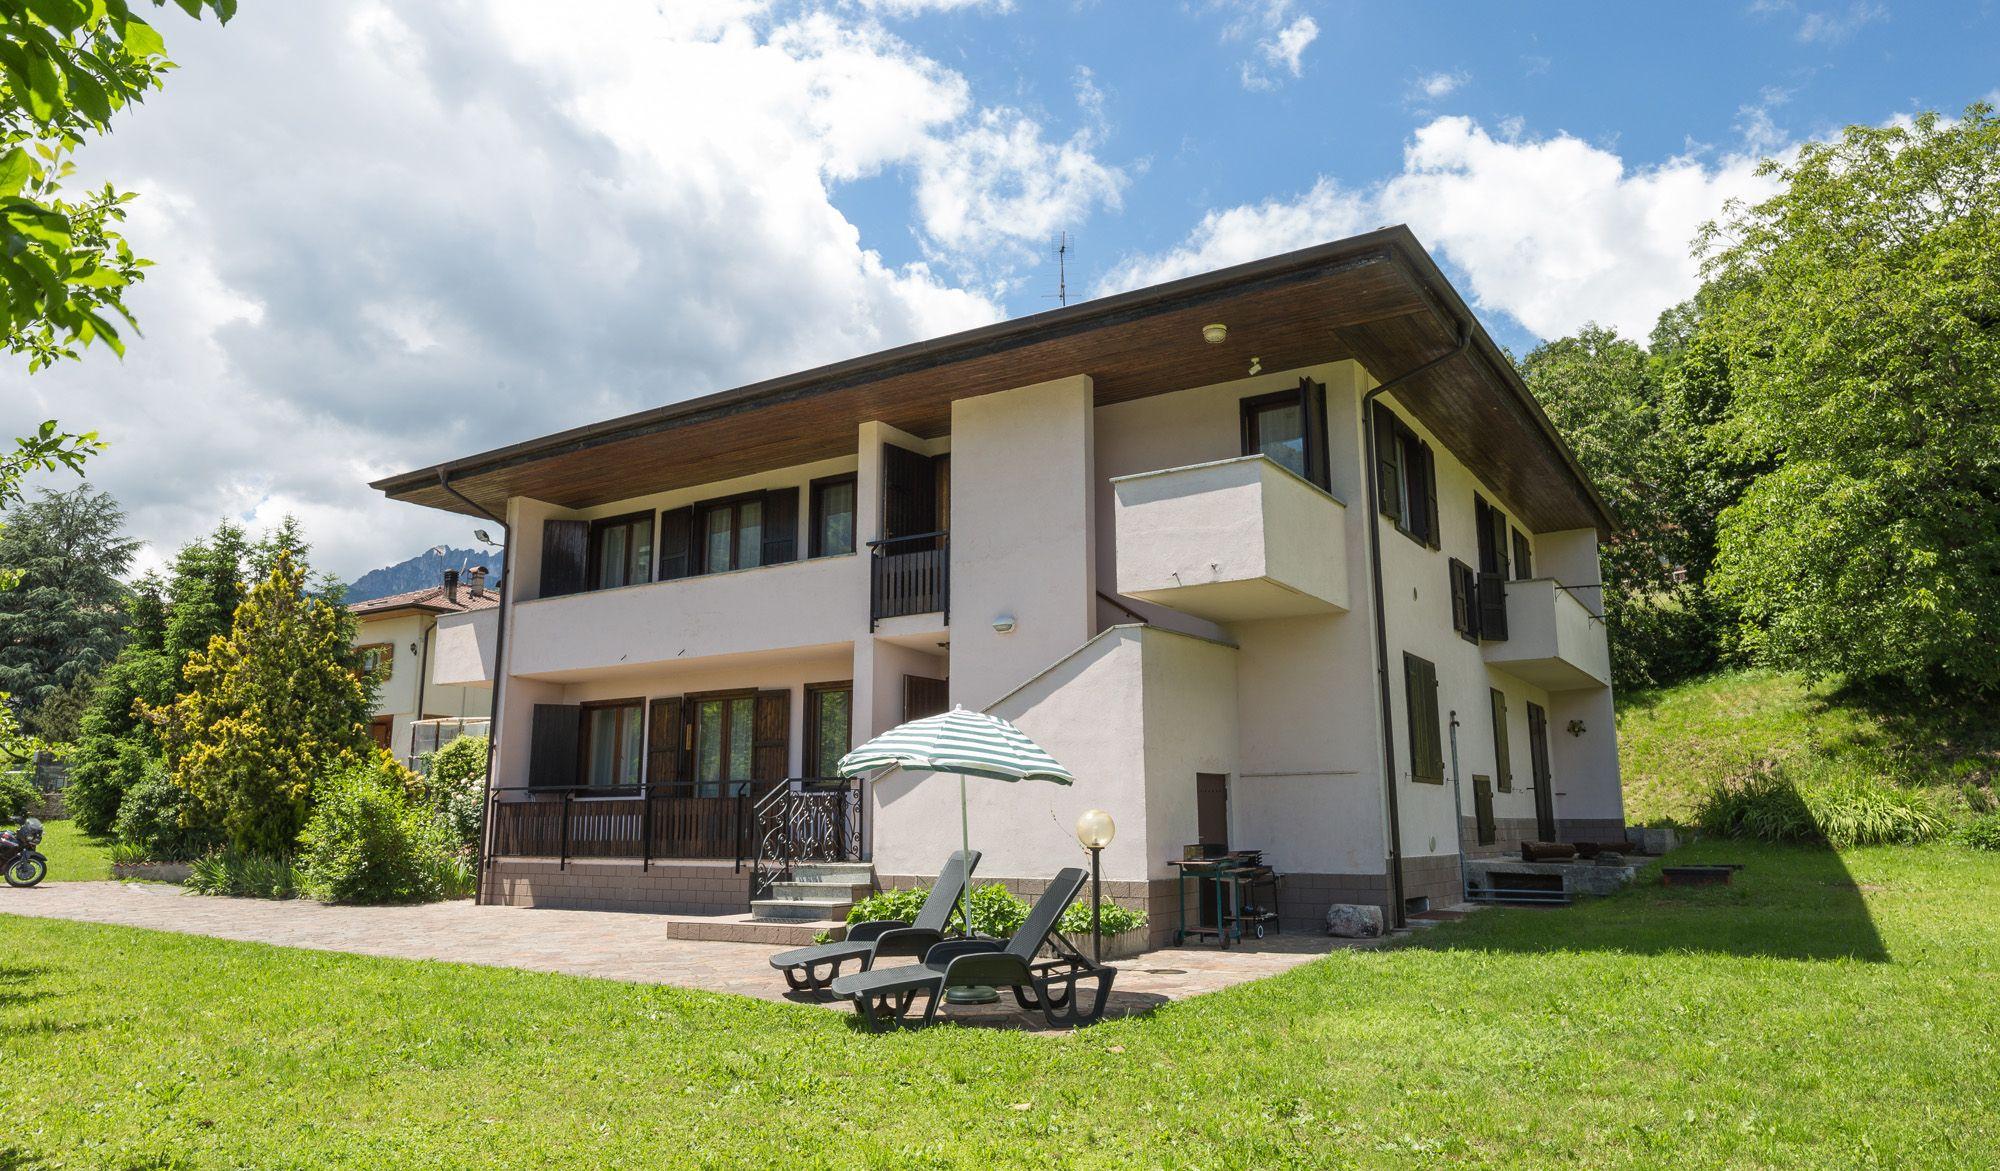 Casa babette molina di ledrogreen holiday appartamenti per - La casa di babette ...